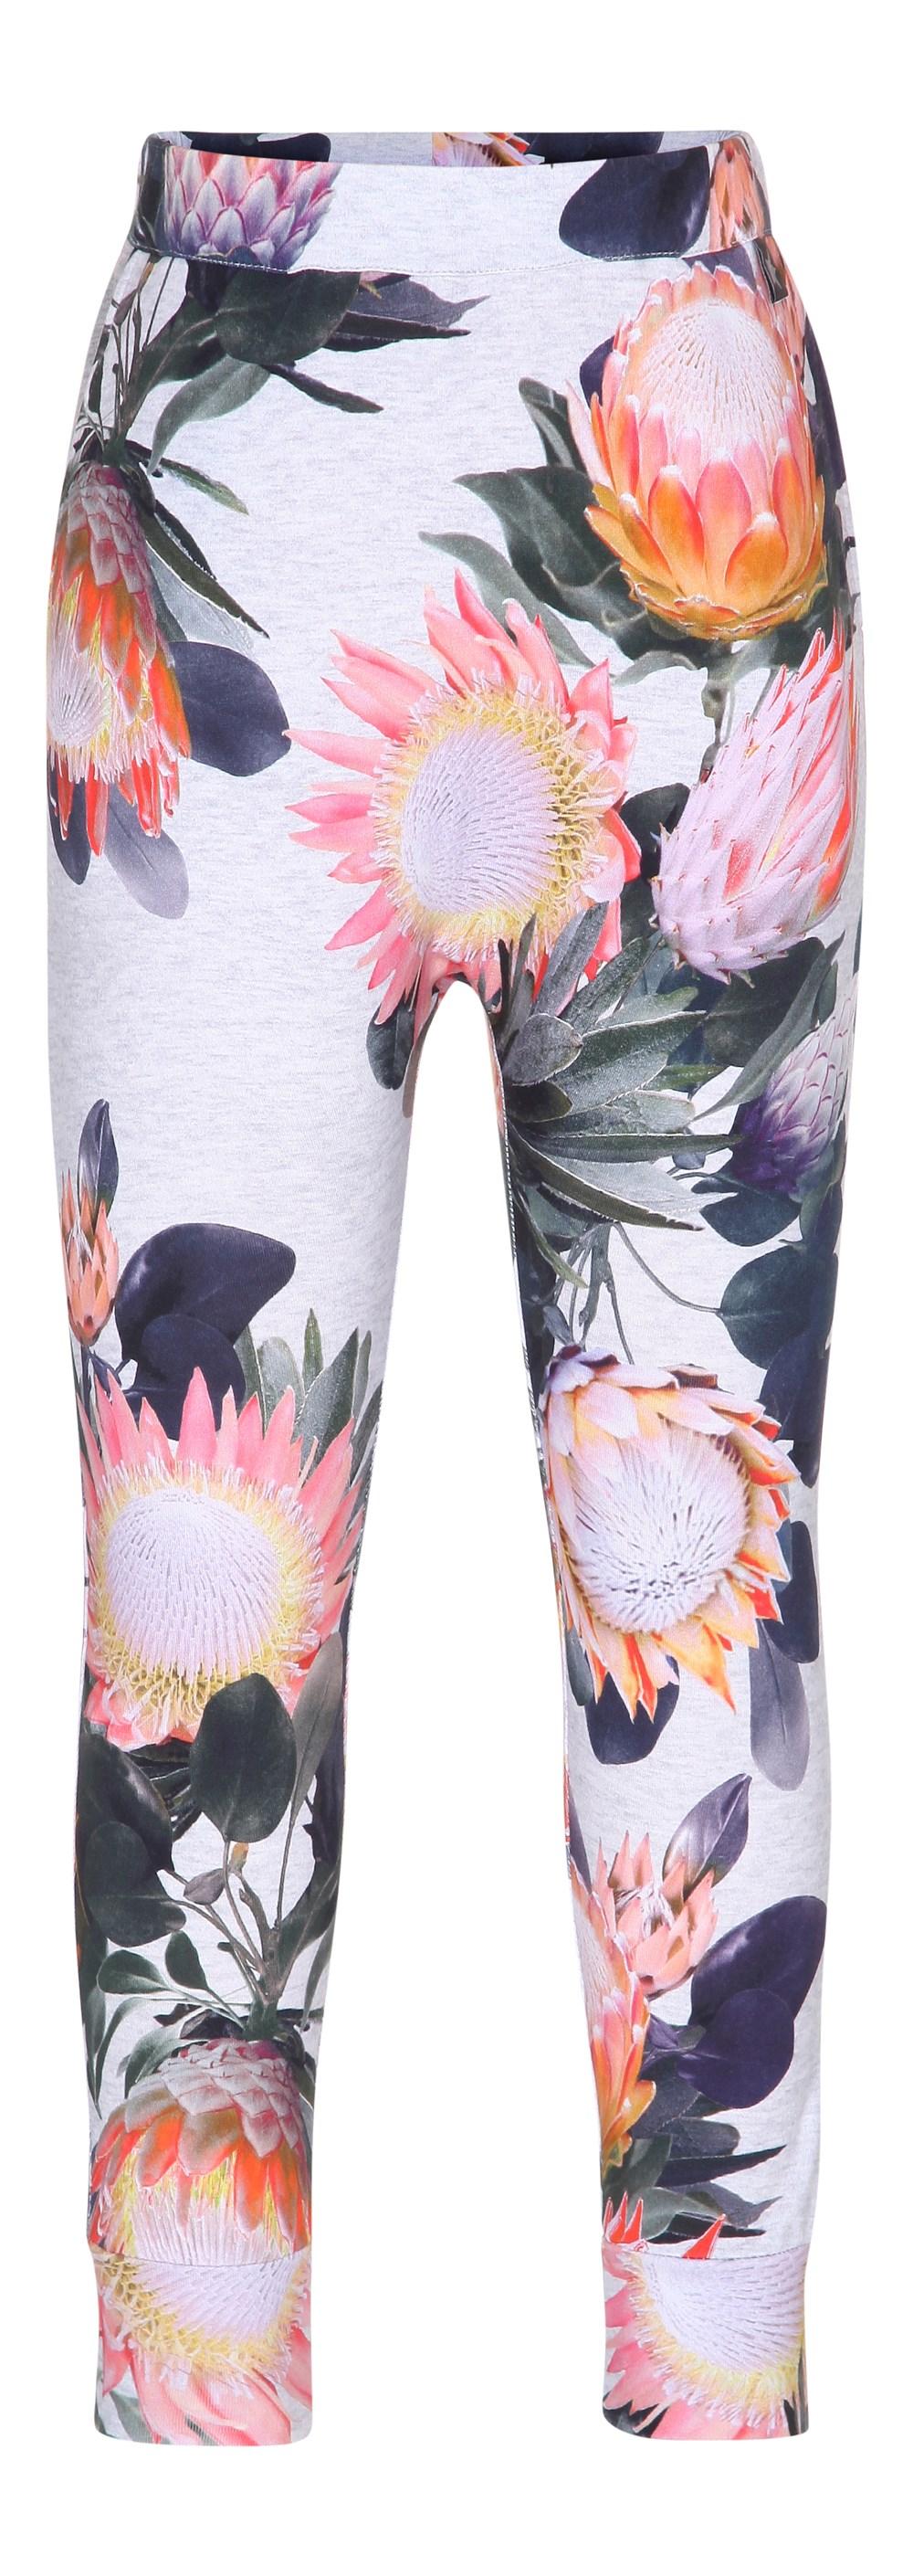 Alvina - Sugar Flowers - løse bukser med blomsterprint